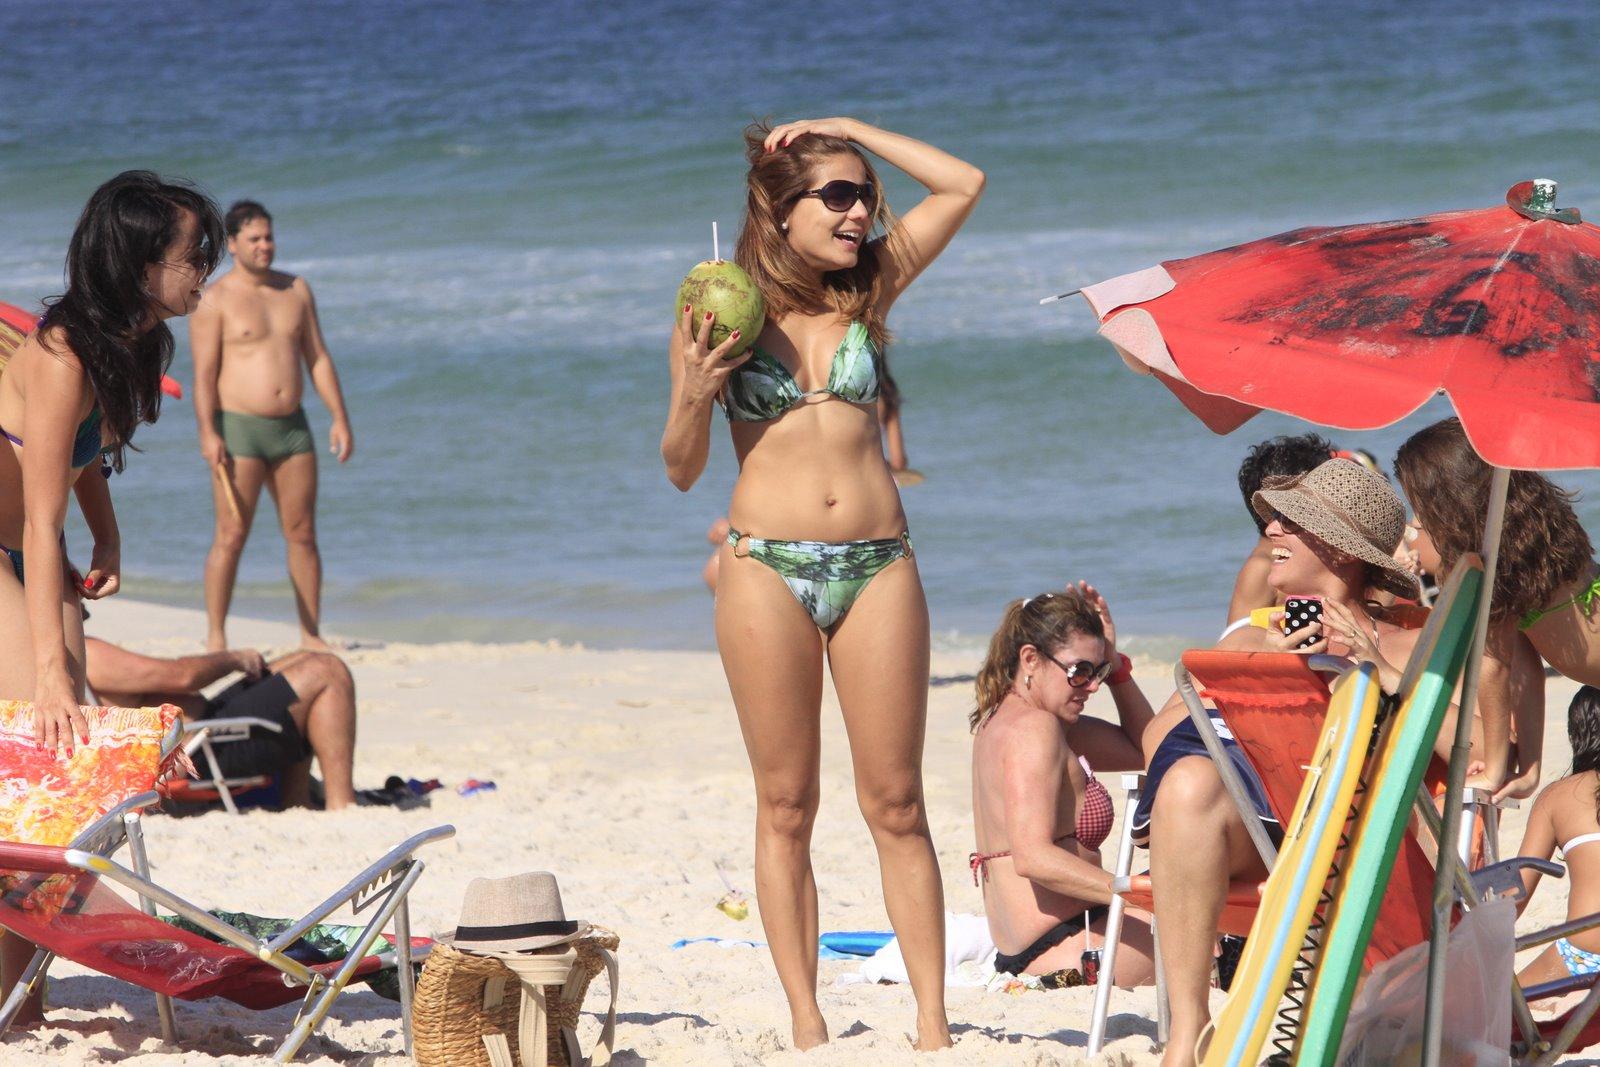 A semana começou com Nívea Stelmann reforçando o bronze na praia da Barra, na segunda-feira, 2